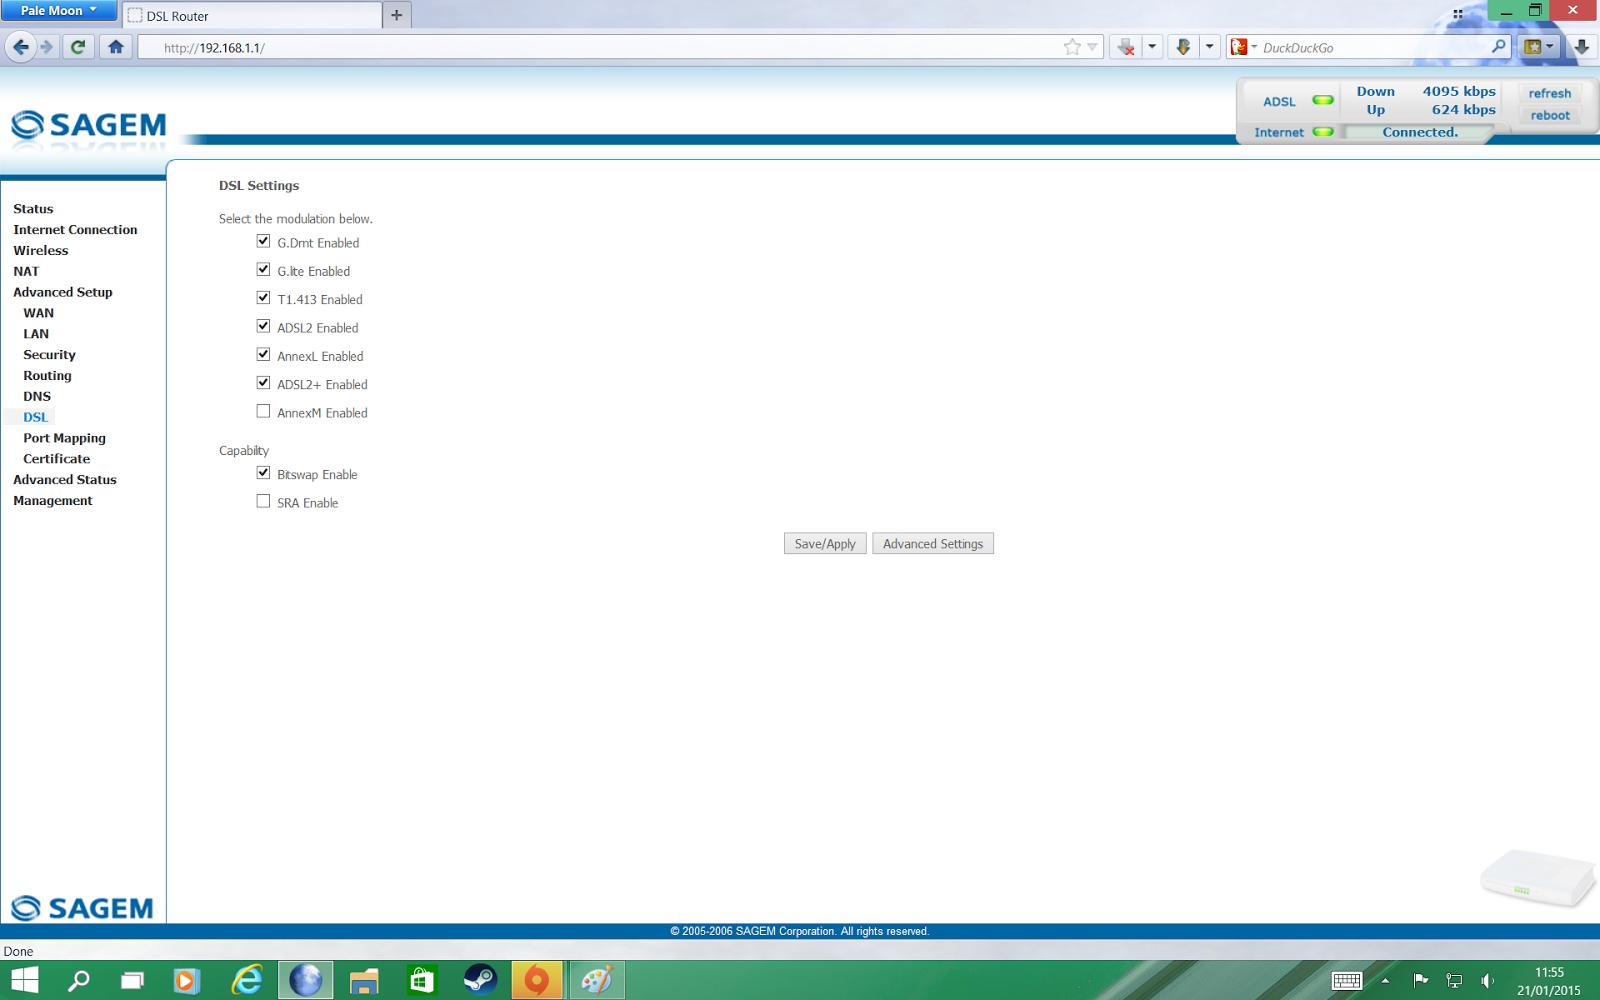 Sagem software download